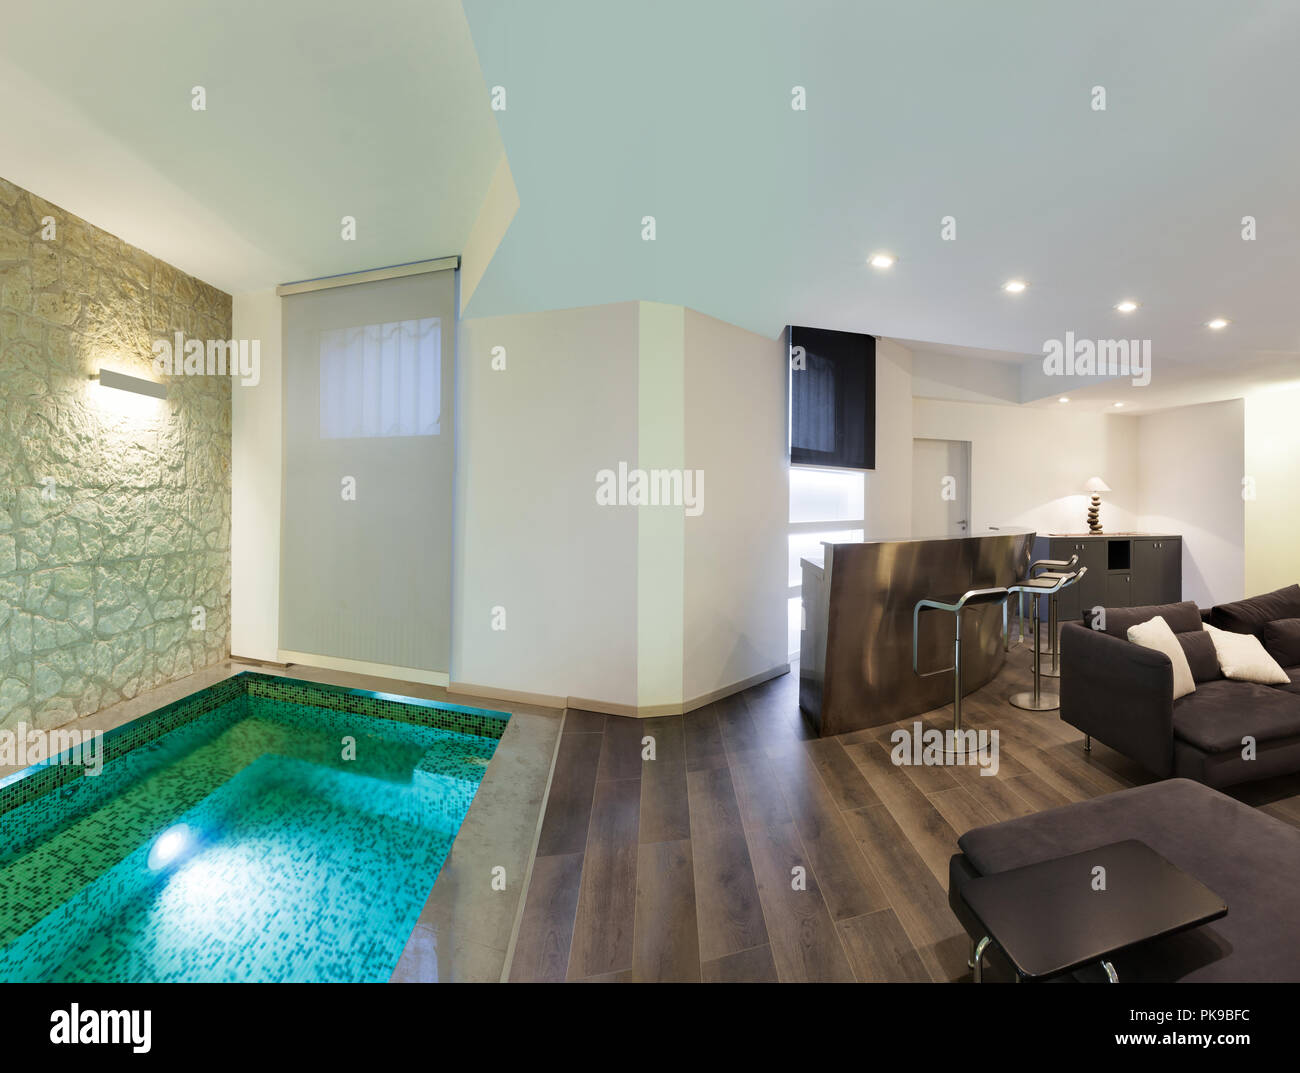 Architektur, große Loft, Wohnzimmer mit Pool Stockfoto, Bild ...